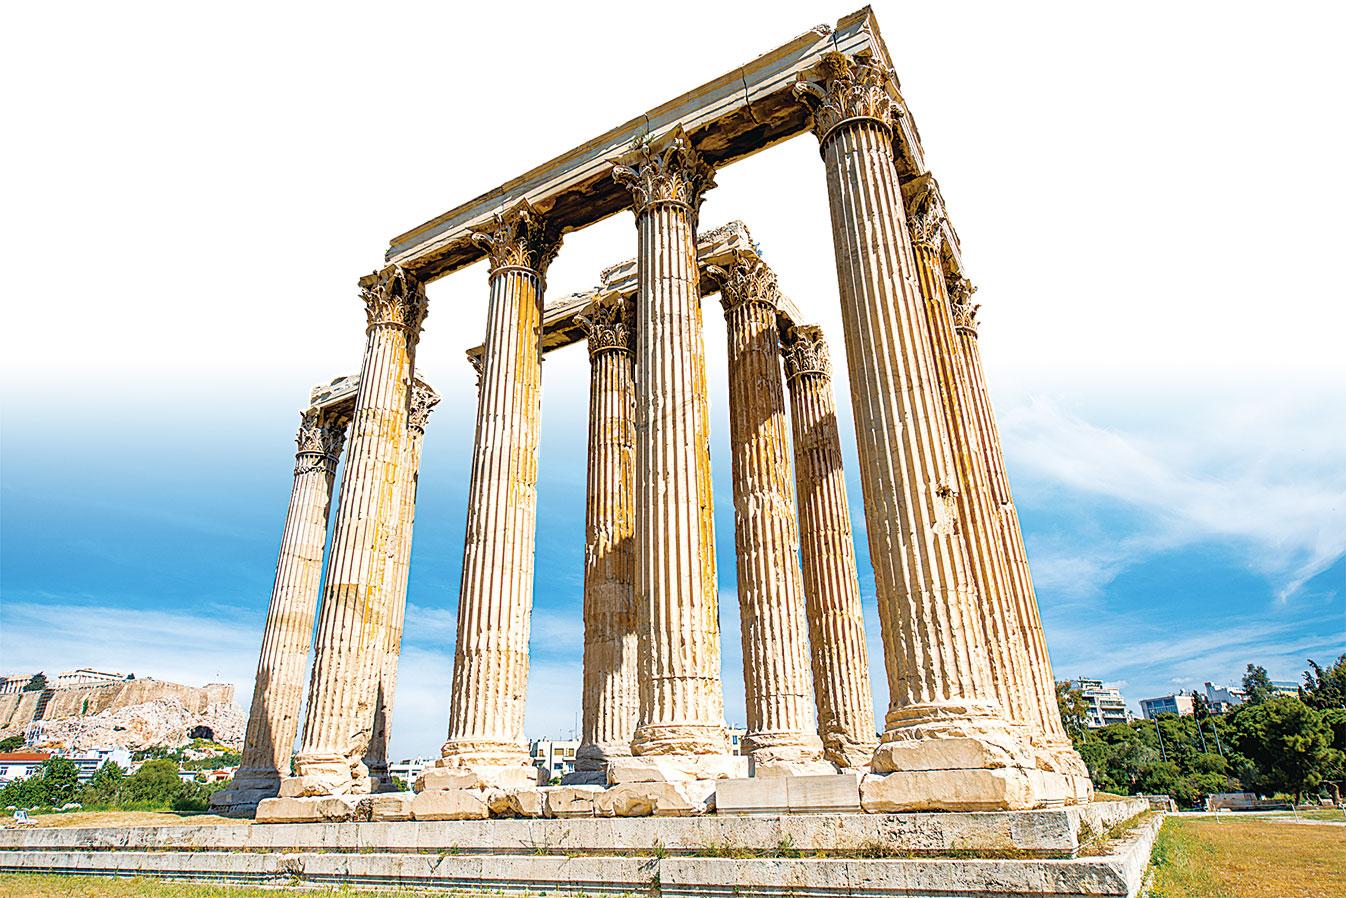 希臘首都雅典市中心的奧林匹亞宙斯神廟。(Fotolia)